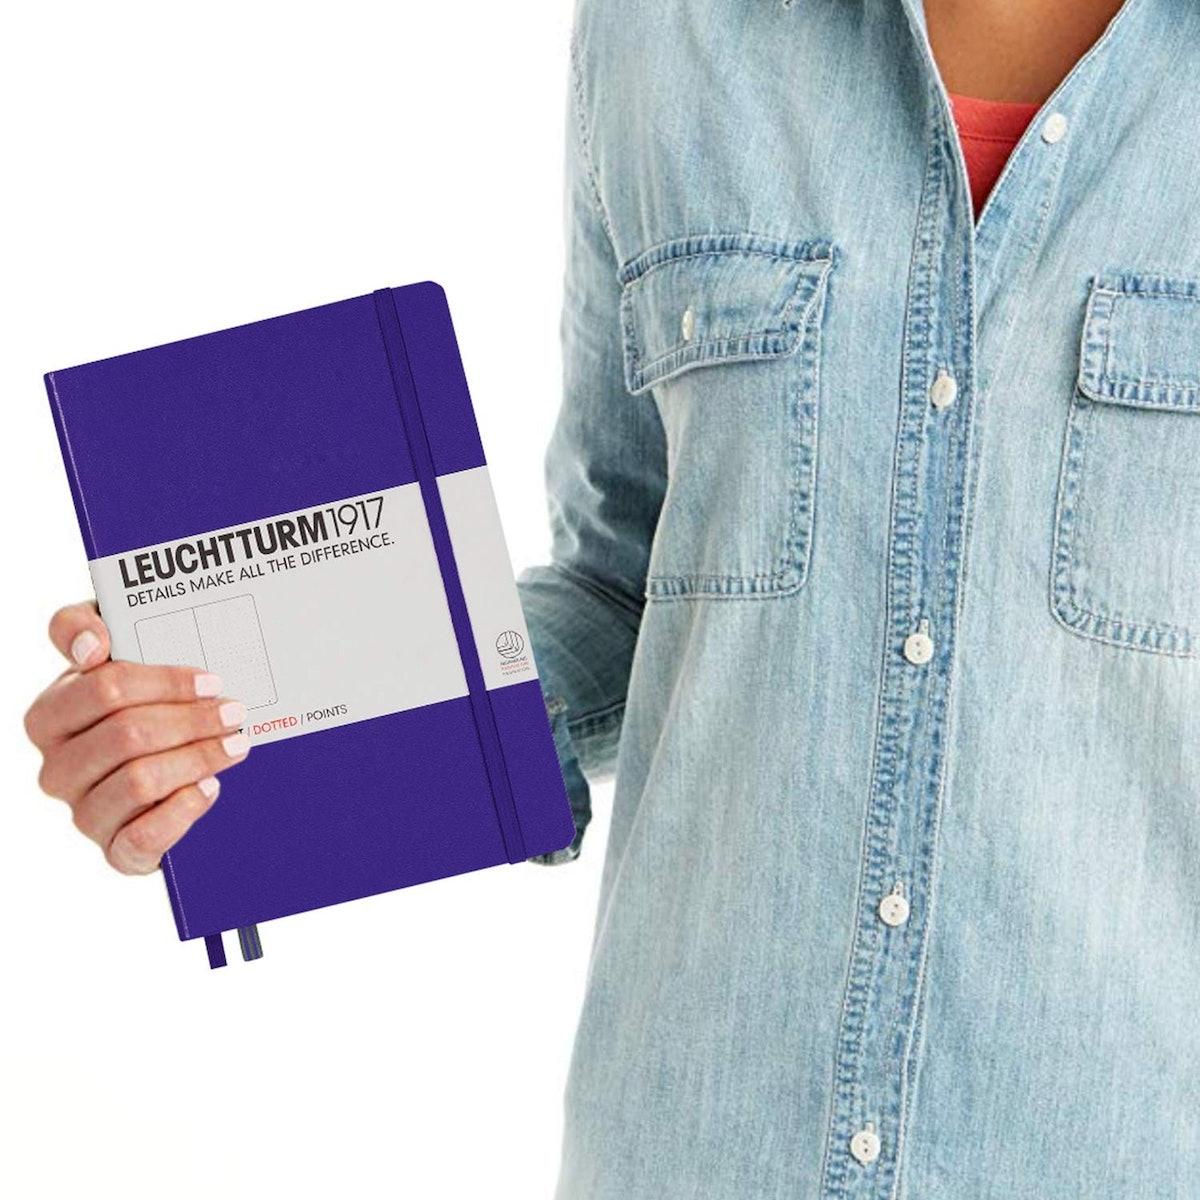 Leuchtturm1917 Dotted Hardcover Notebook